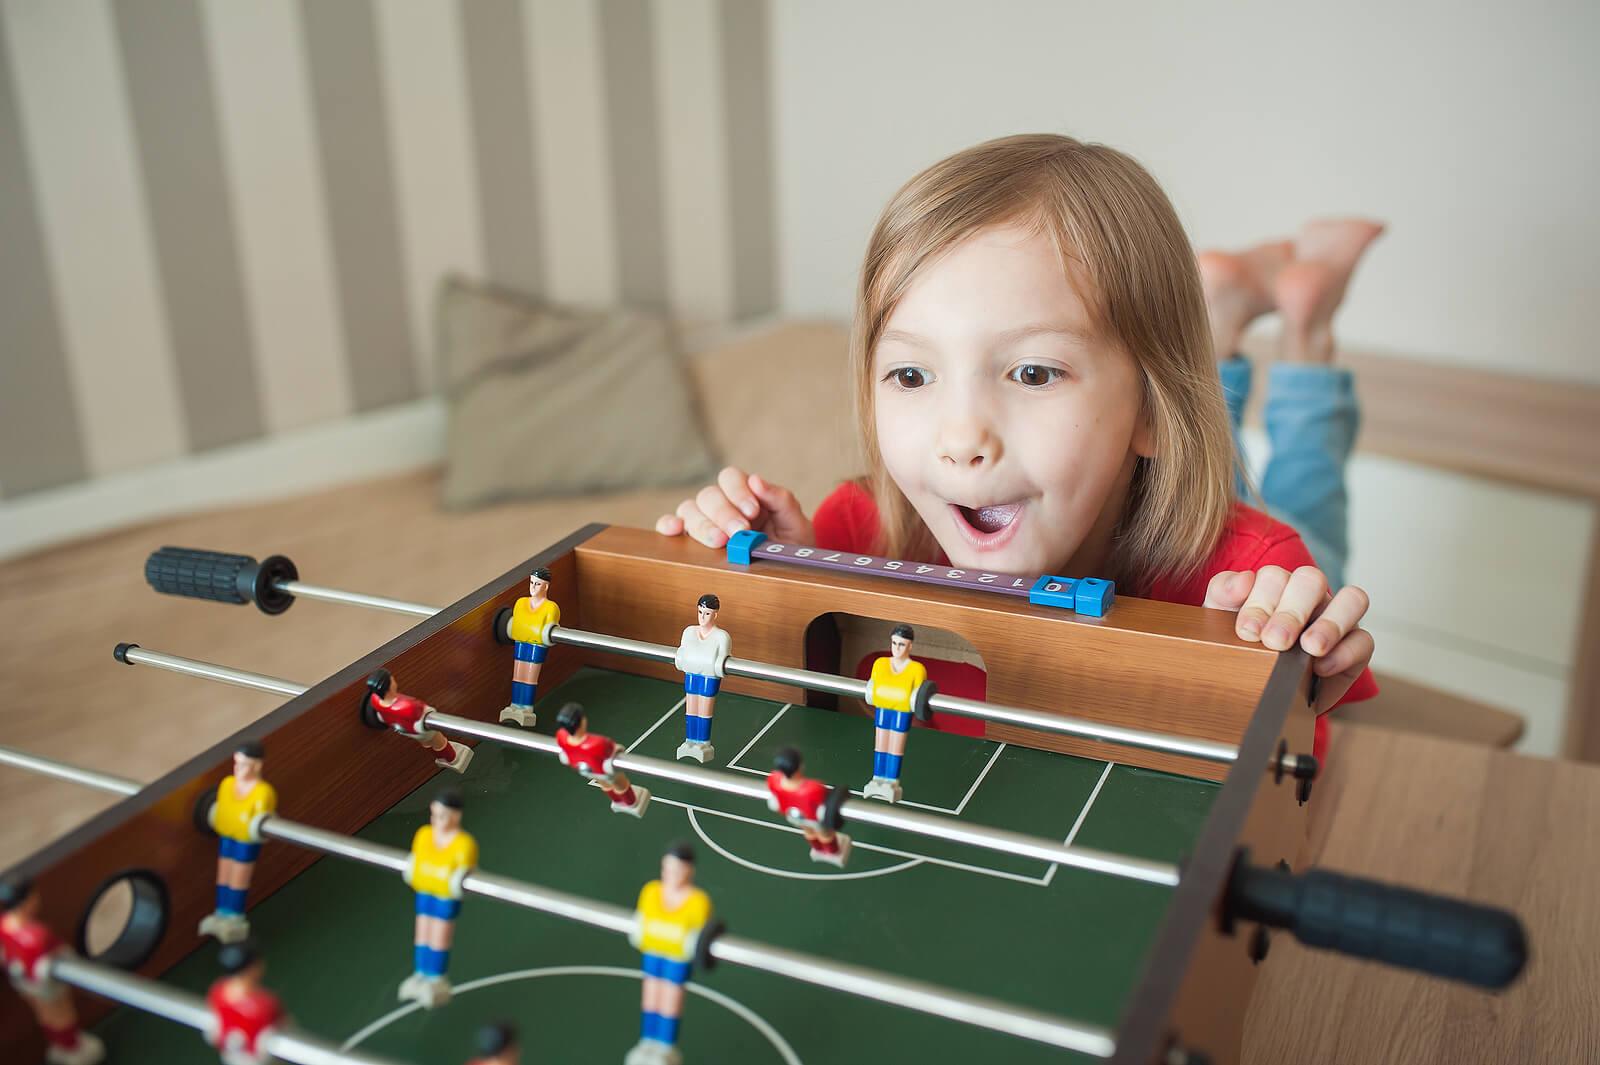 Niña impulsiva deseando jugar al futbolín.